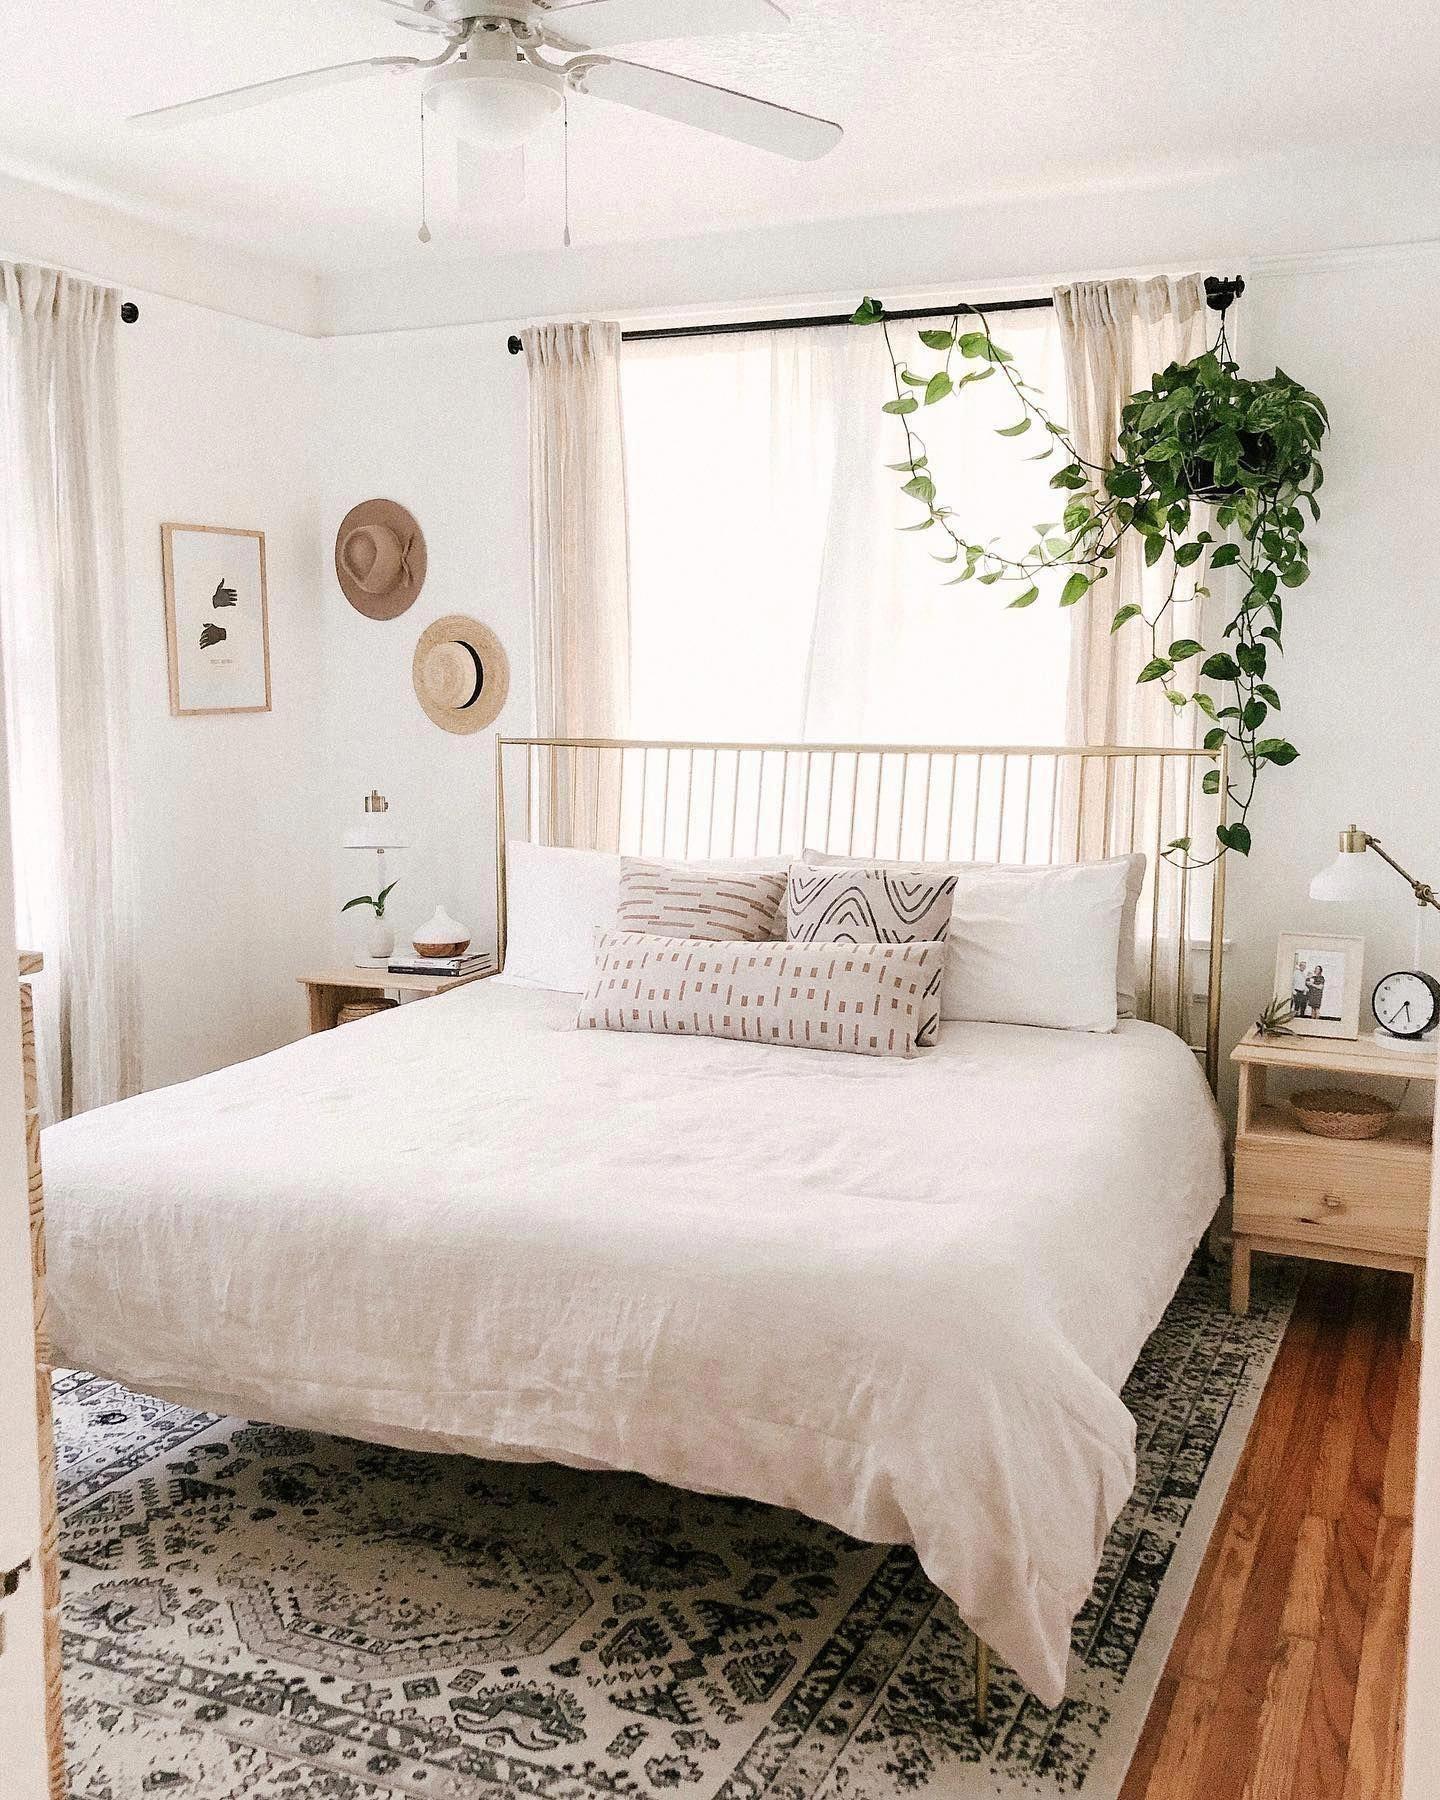 Chỉ nên trang trí một vài cây xanh trong phòng ngủ